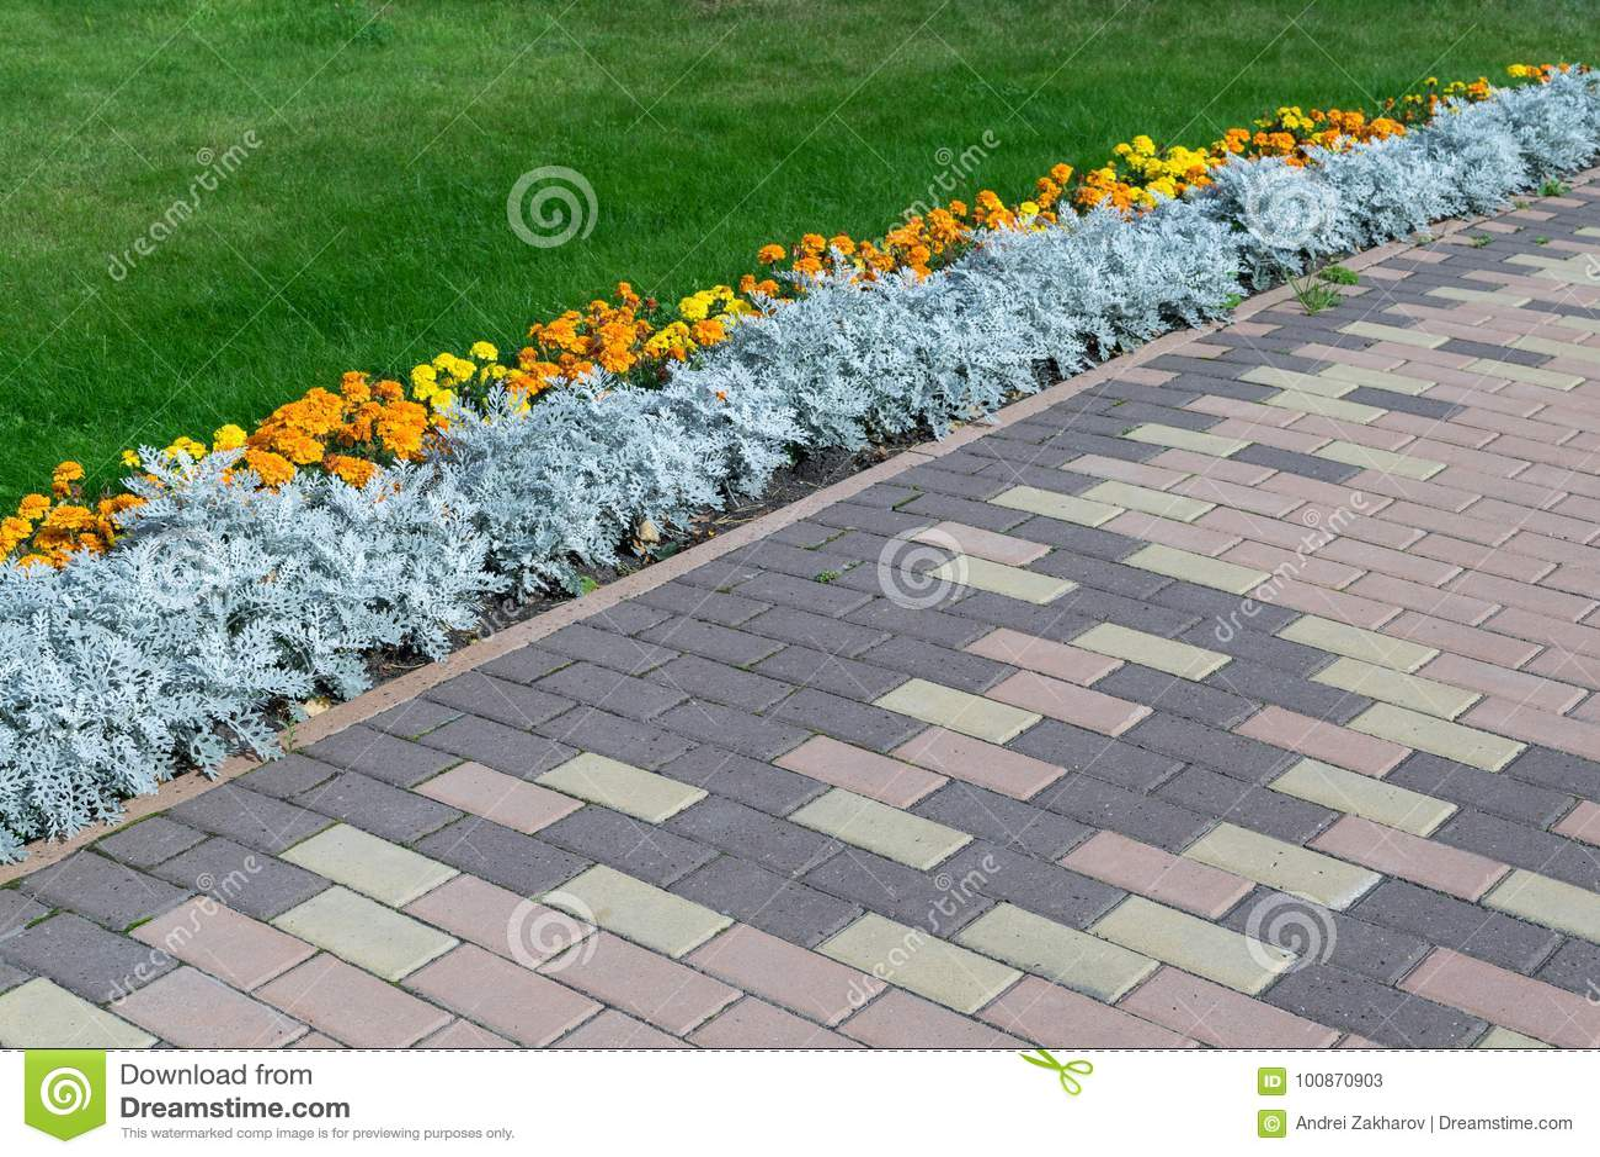 Pavimentación del modelo con forma rectangular y color marrón